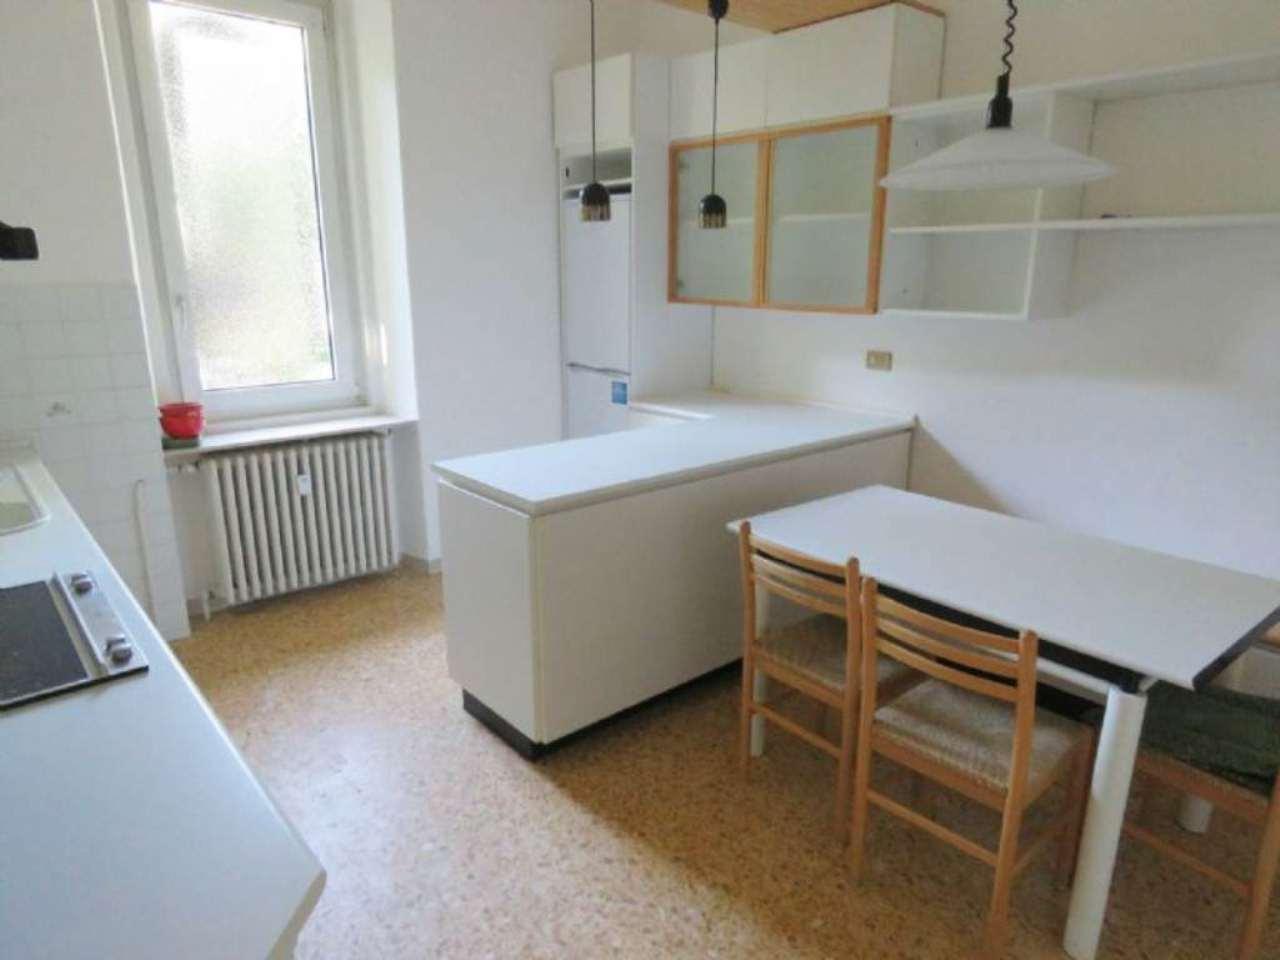 Attico / Mansarda in vendita a Merano, 3 locali, prezzo € 180.000 | Cambio Casa.it